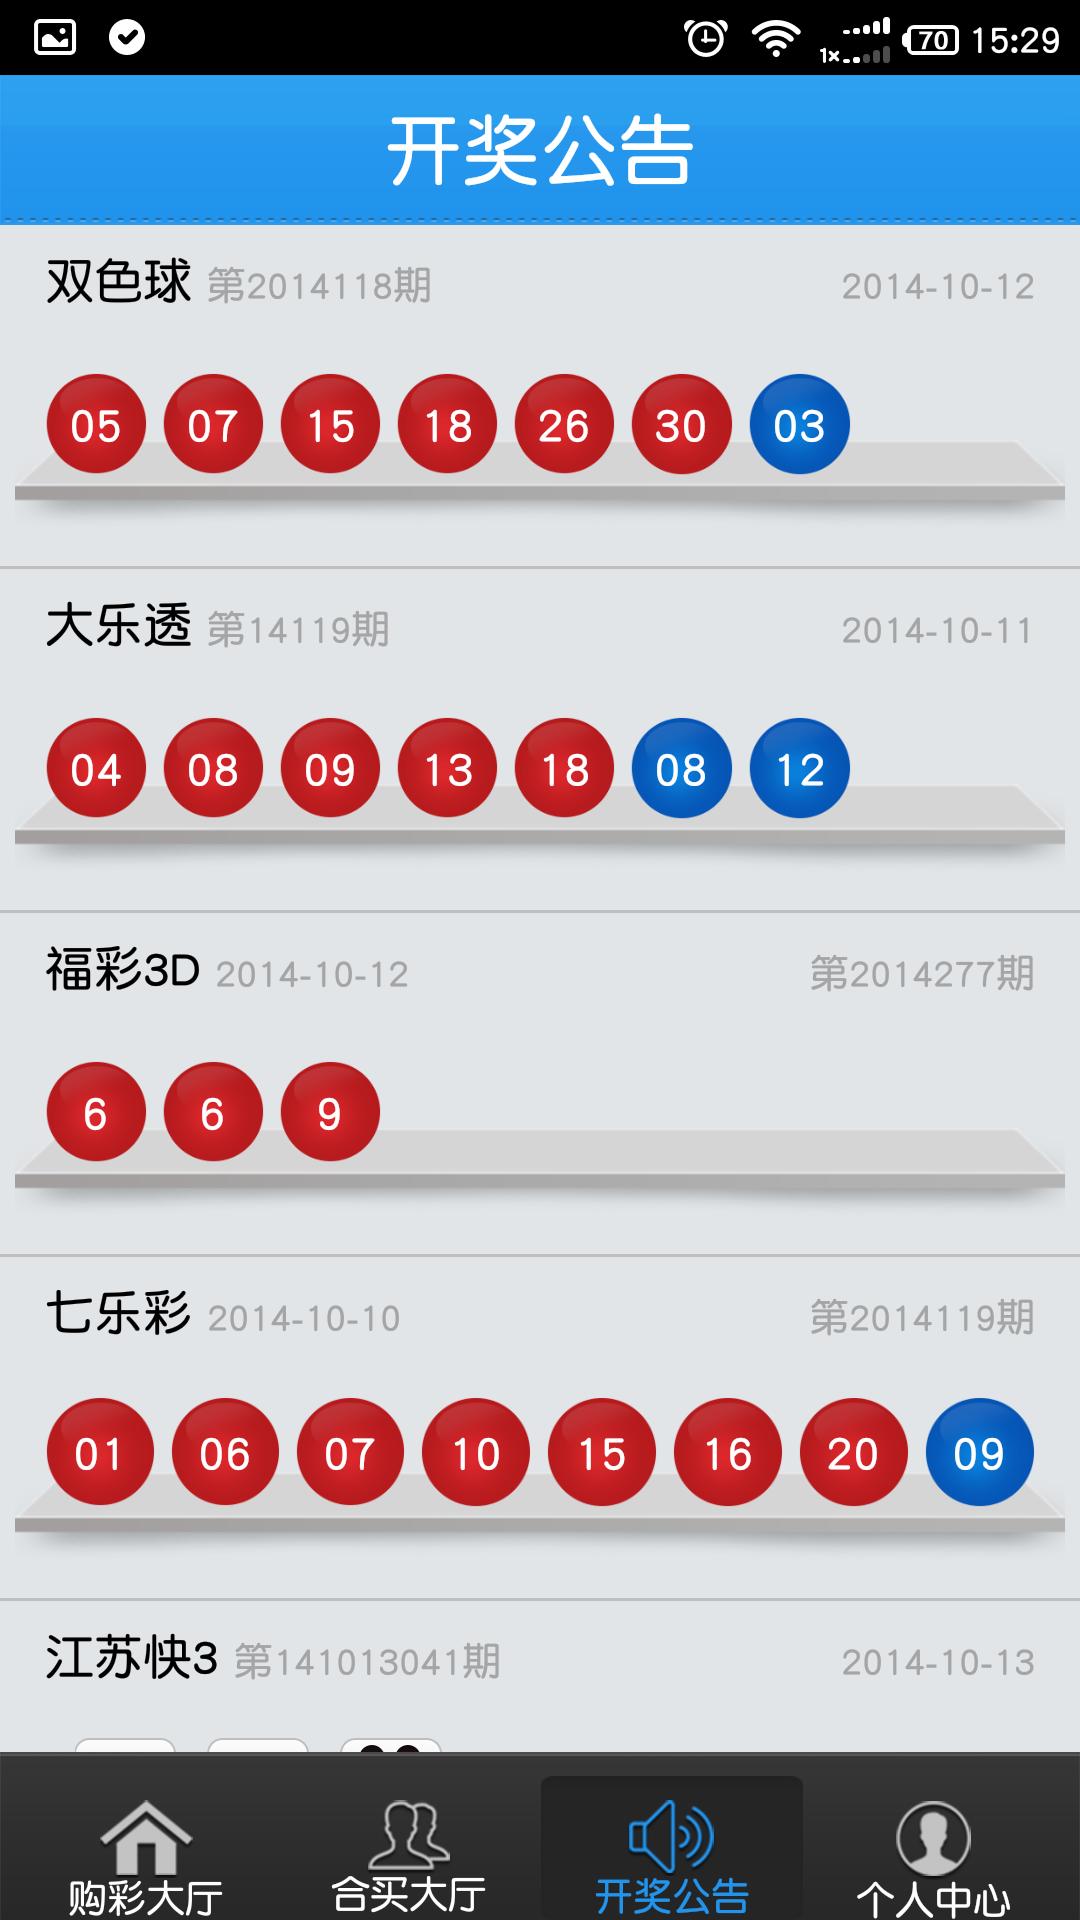 彩象彩票 v2.2.3